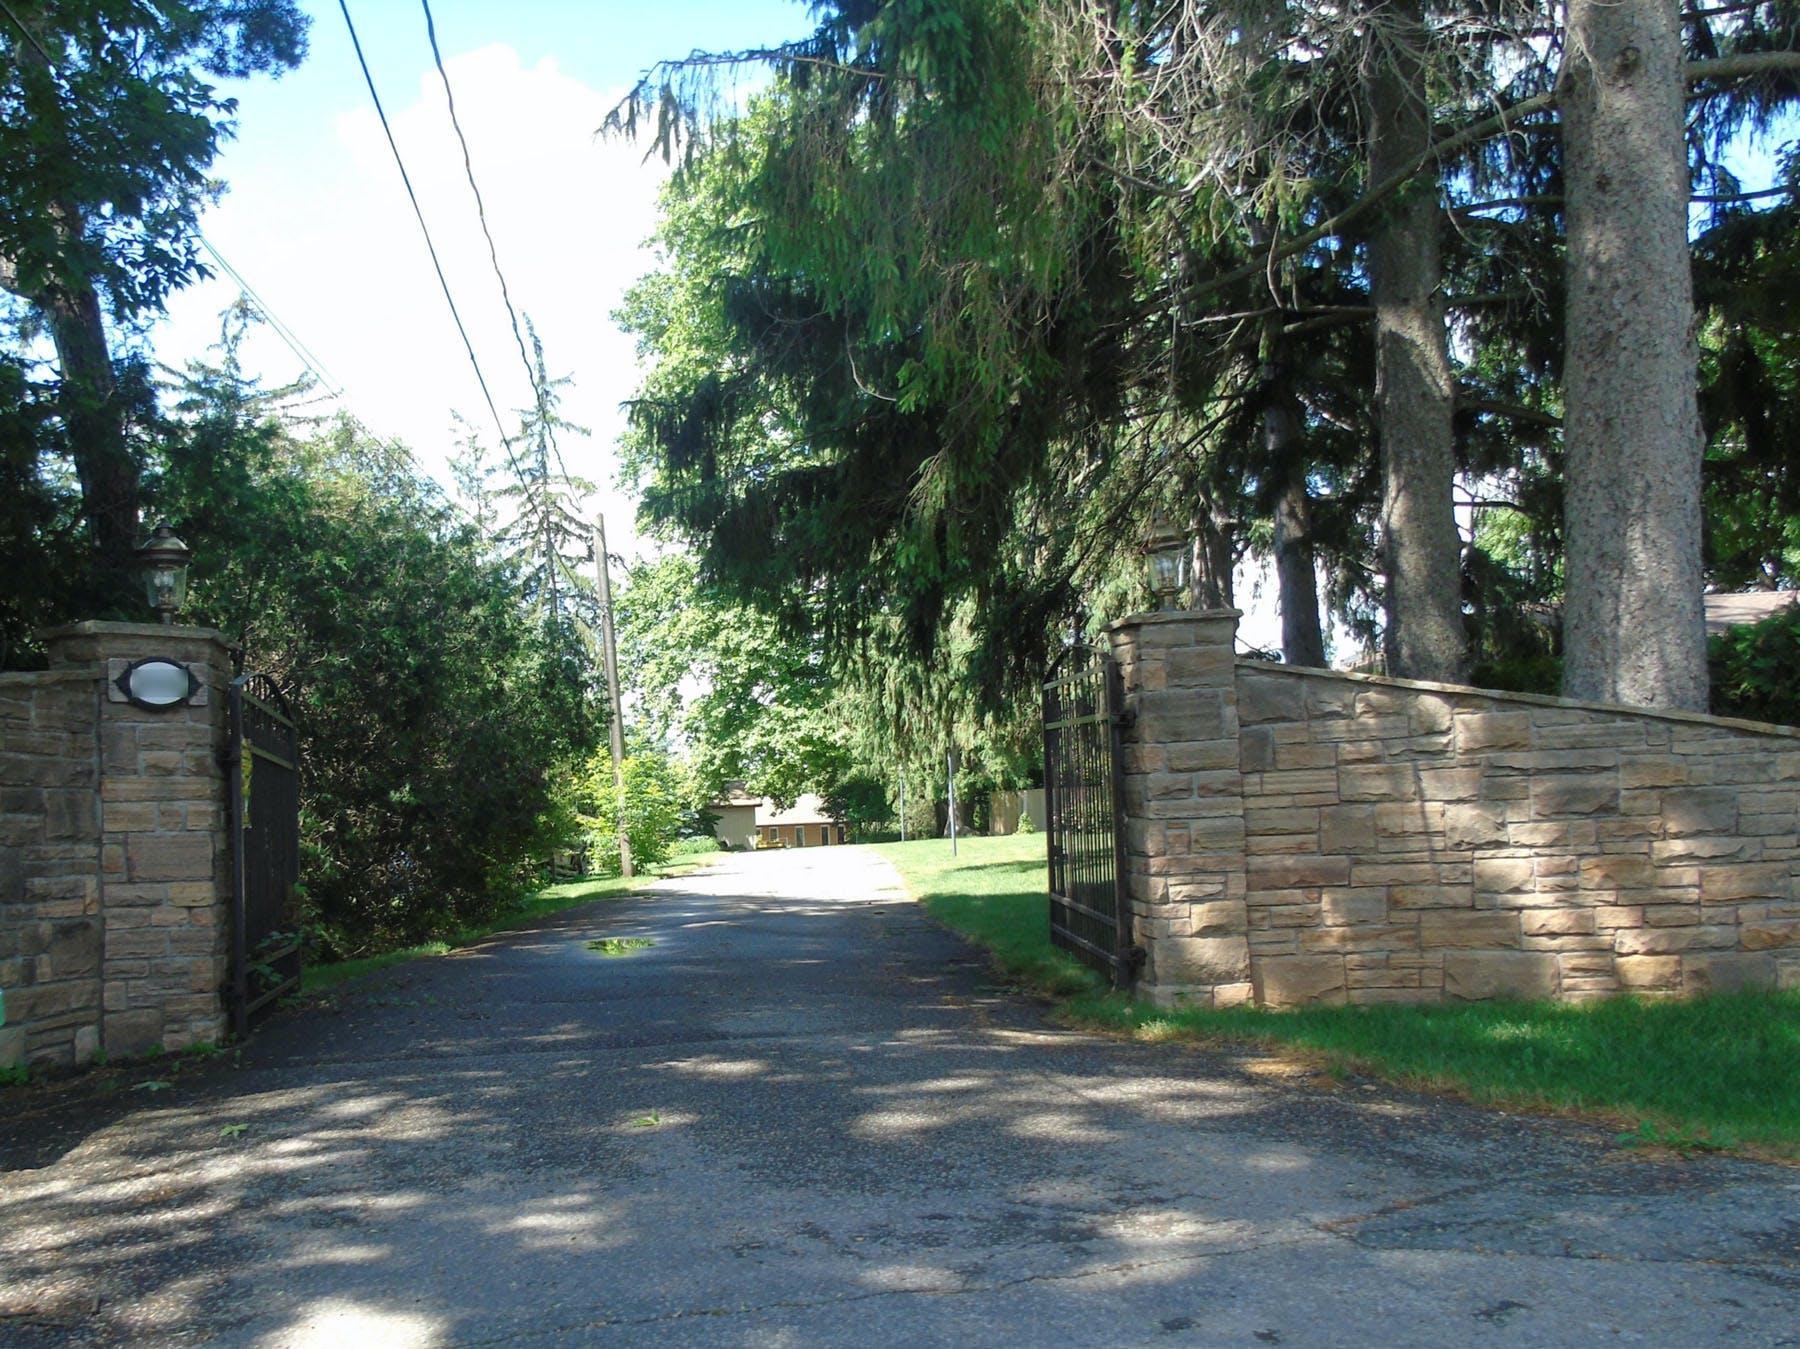 Residential stone entryway in Erindale Village